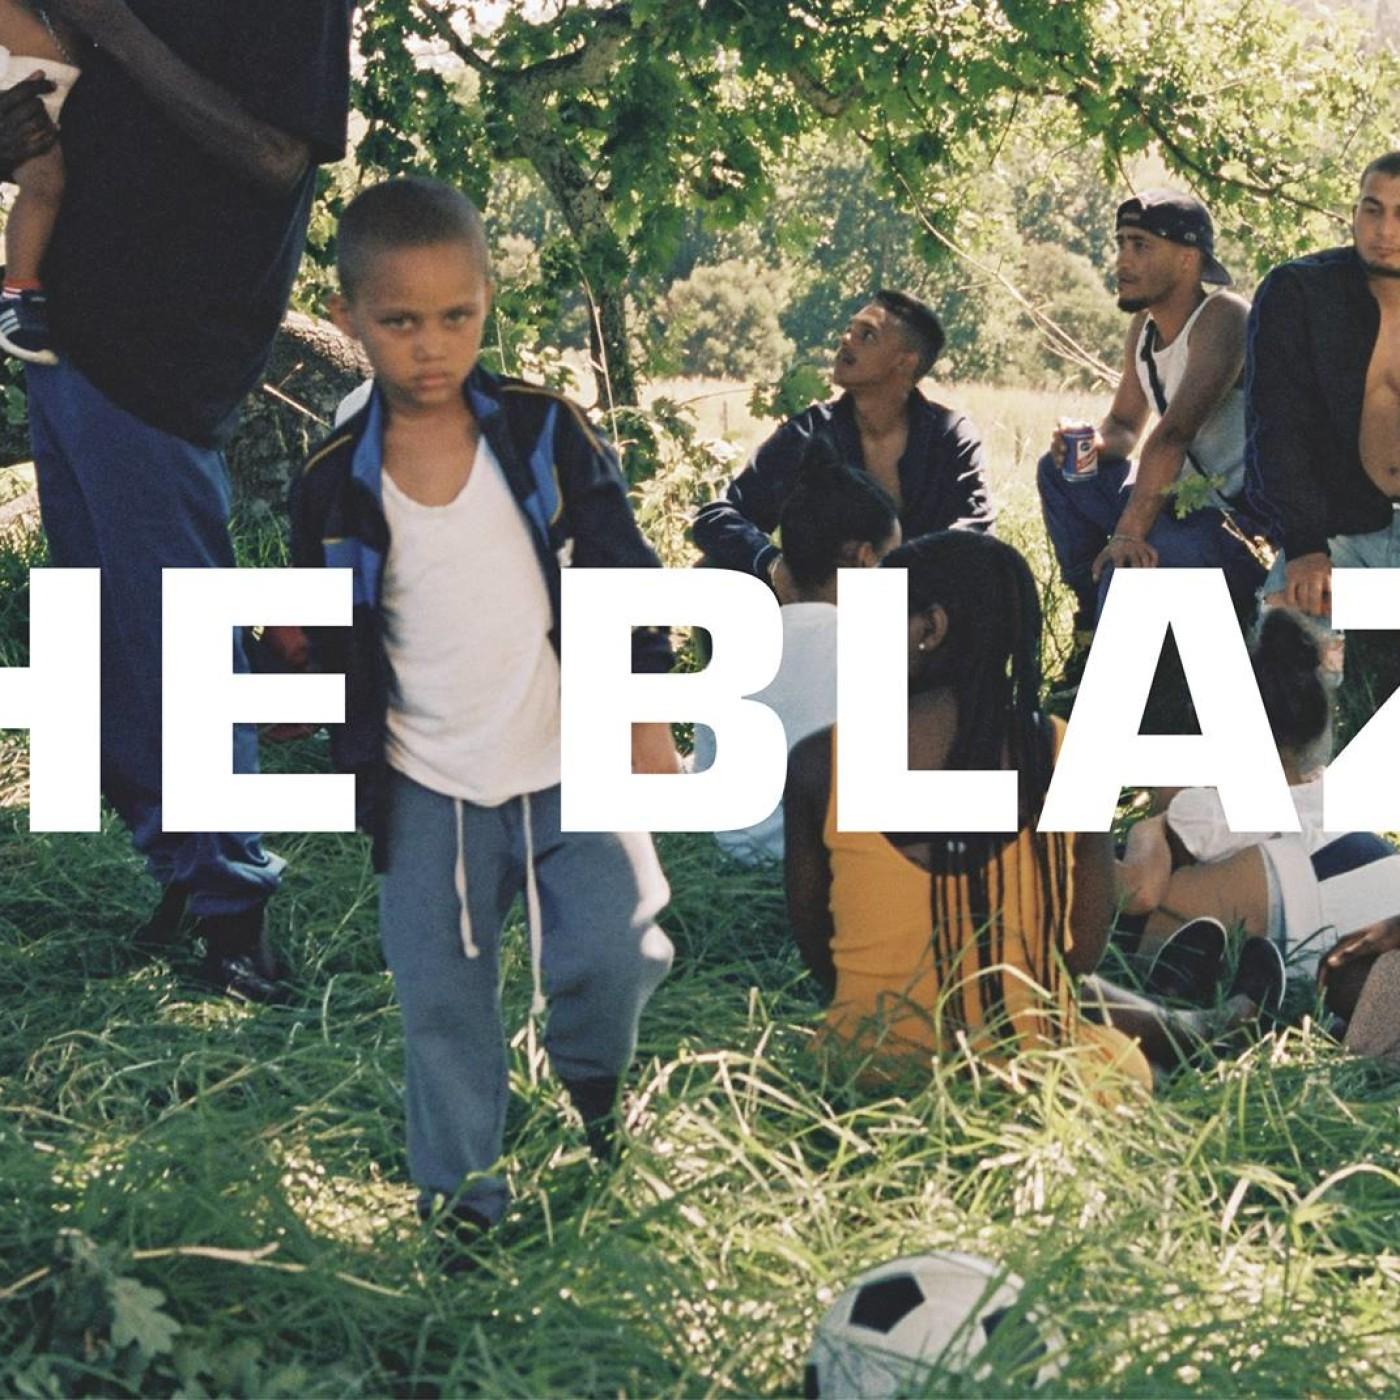 La music story du jour : The Blaze